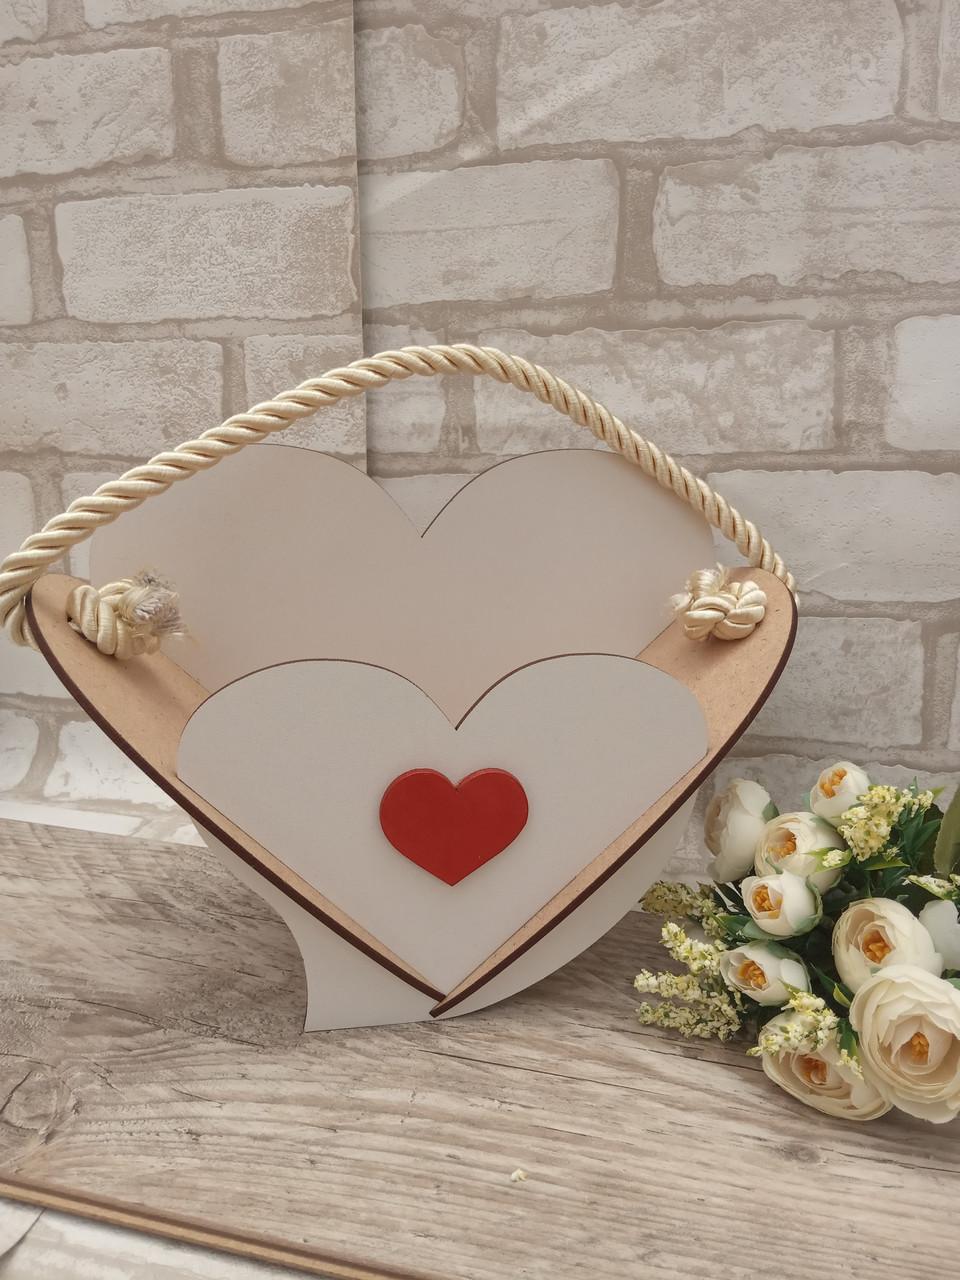 Кашпо біле у формі серця 19х25 см 75 грн